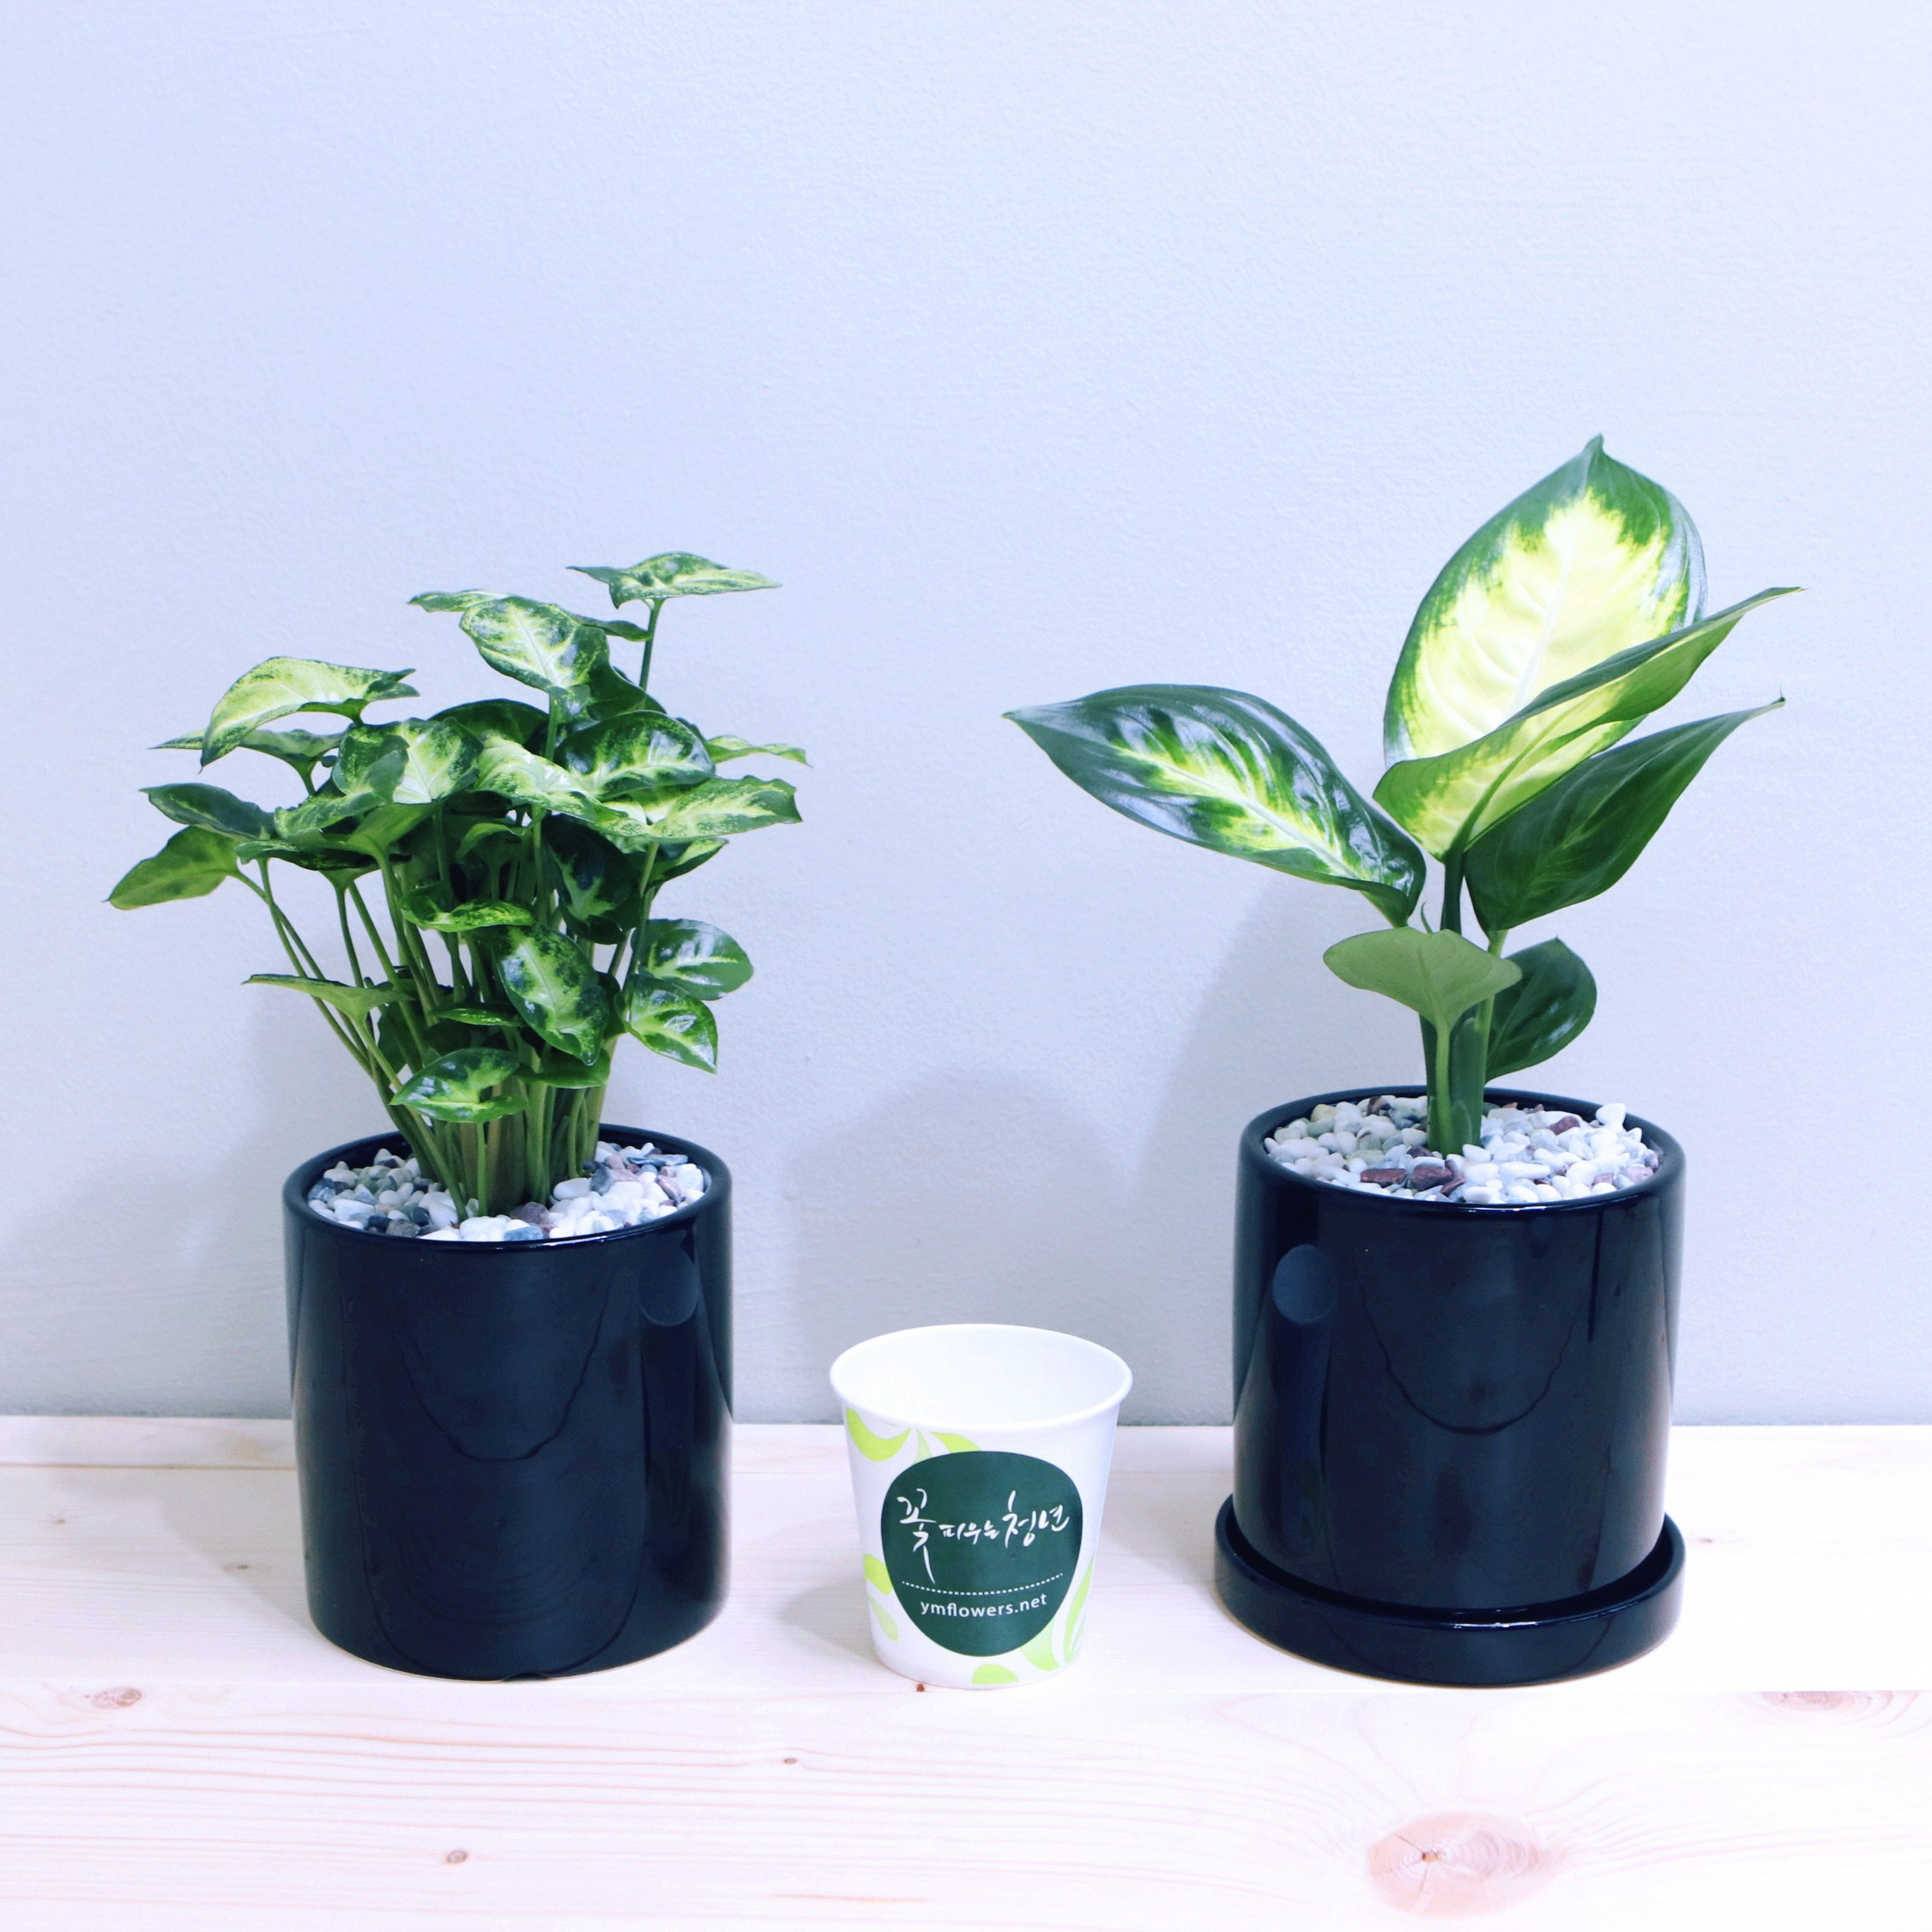 꽃피우는청년 새집증후군 제거 실내공기정화식물 2종 세트 (마리안느 싱고니움), 유광 원형 블랙